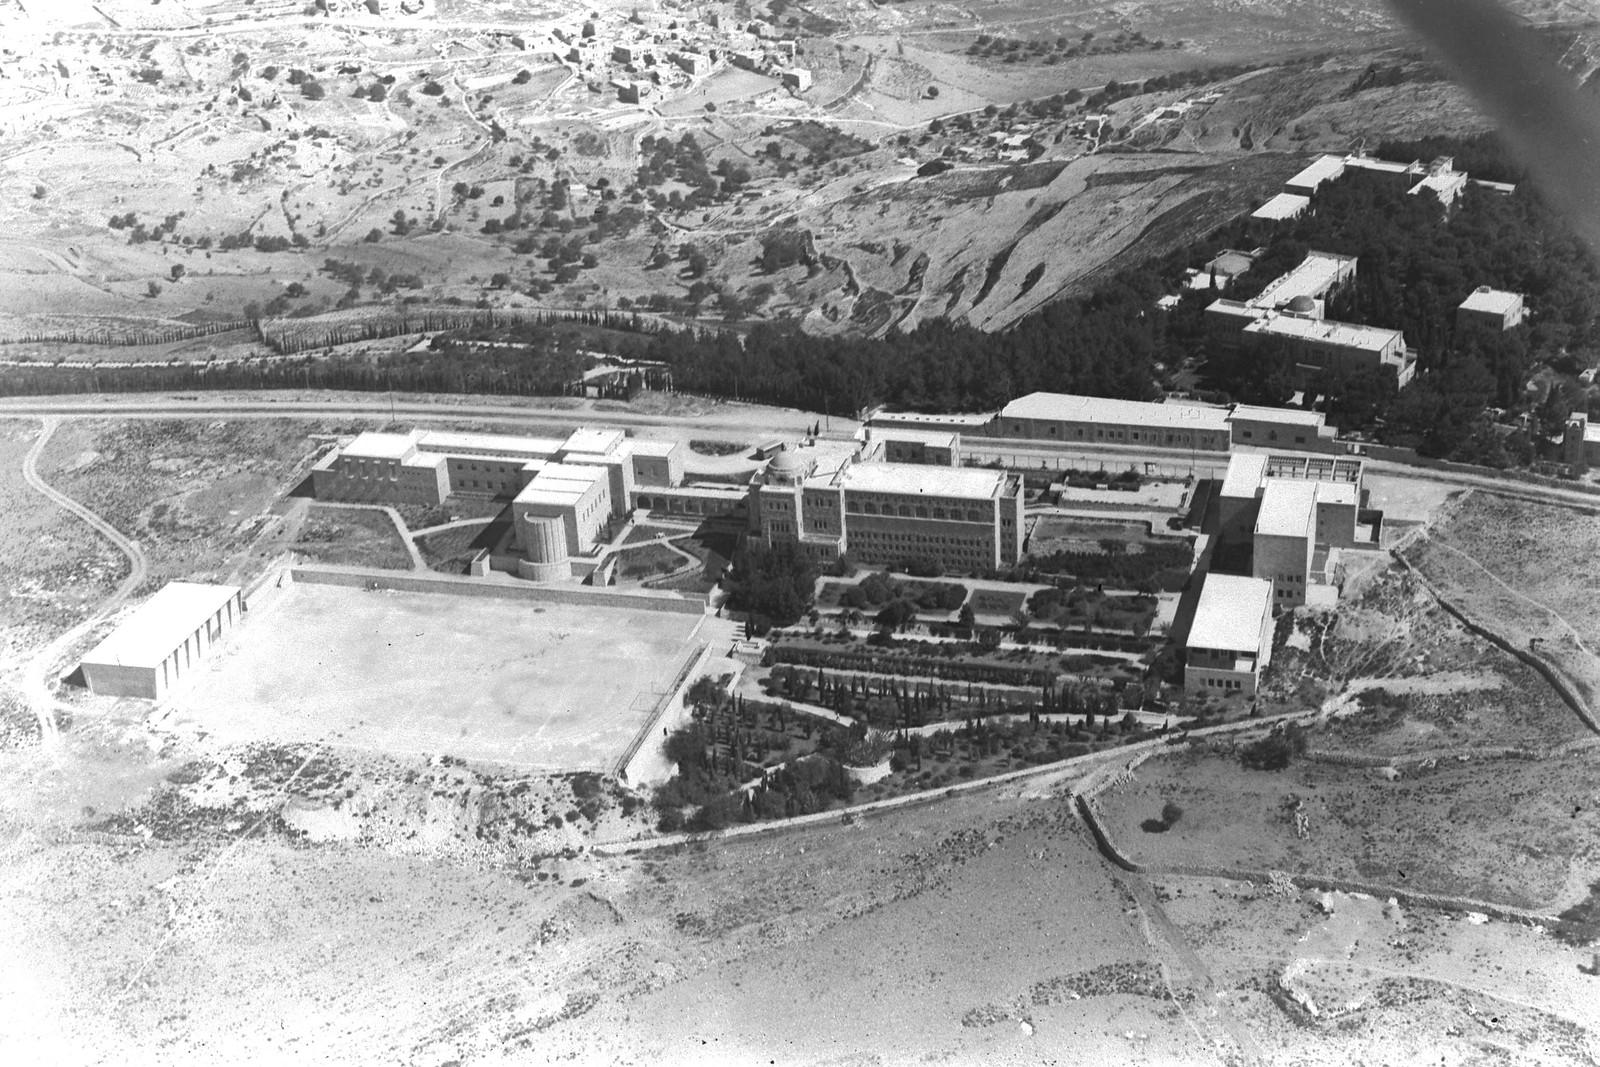 1946. Аэрофотоснимок Еврейского университета на горе Скопус, Иерусалим